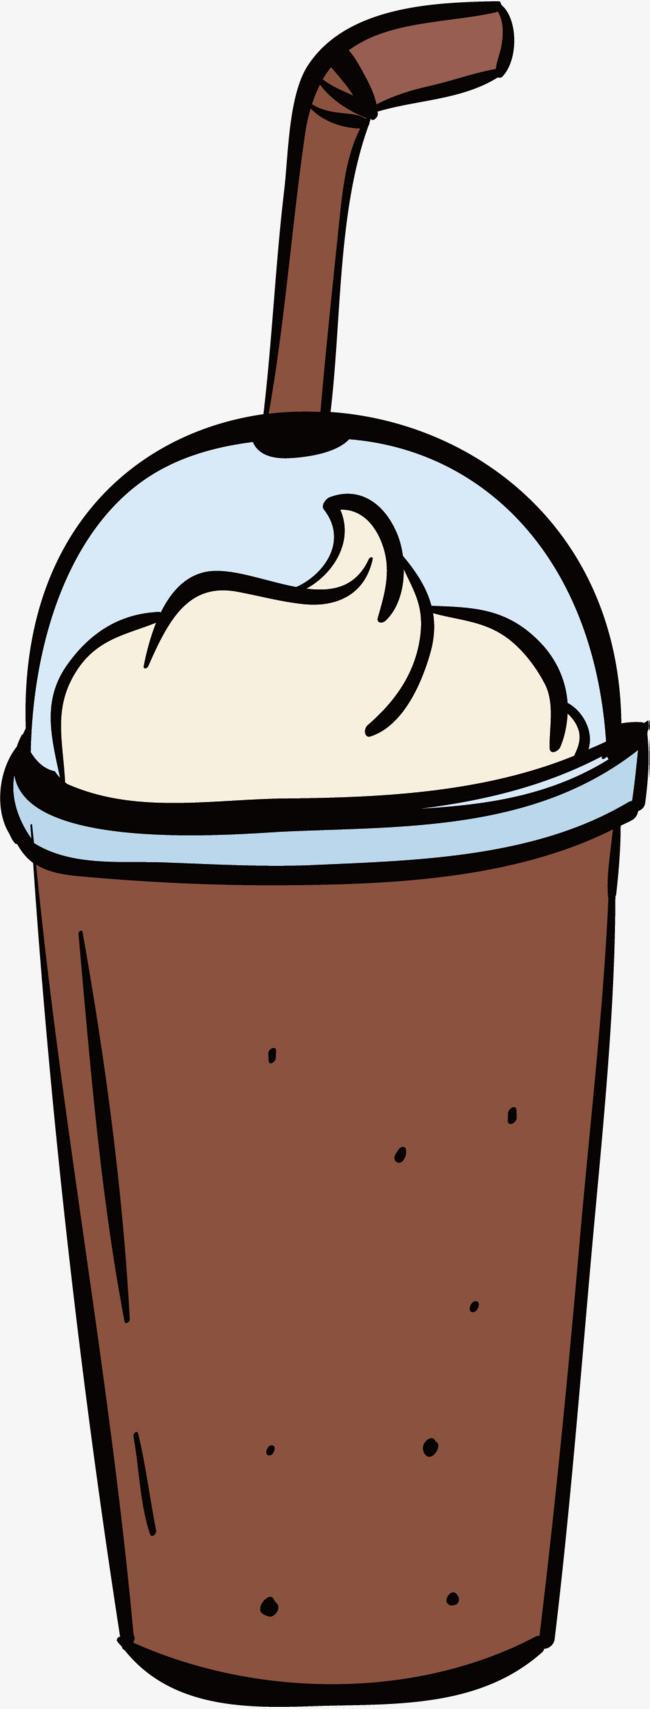 手绘风雪顶咖啡